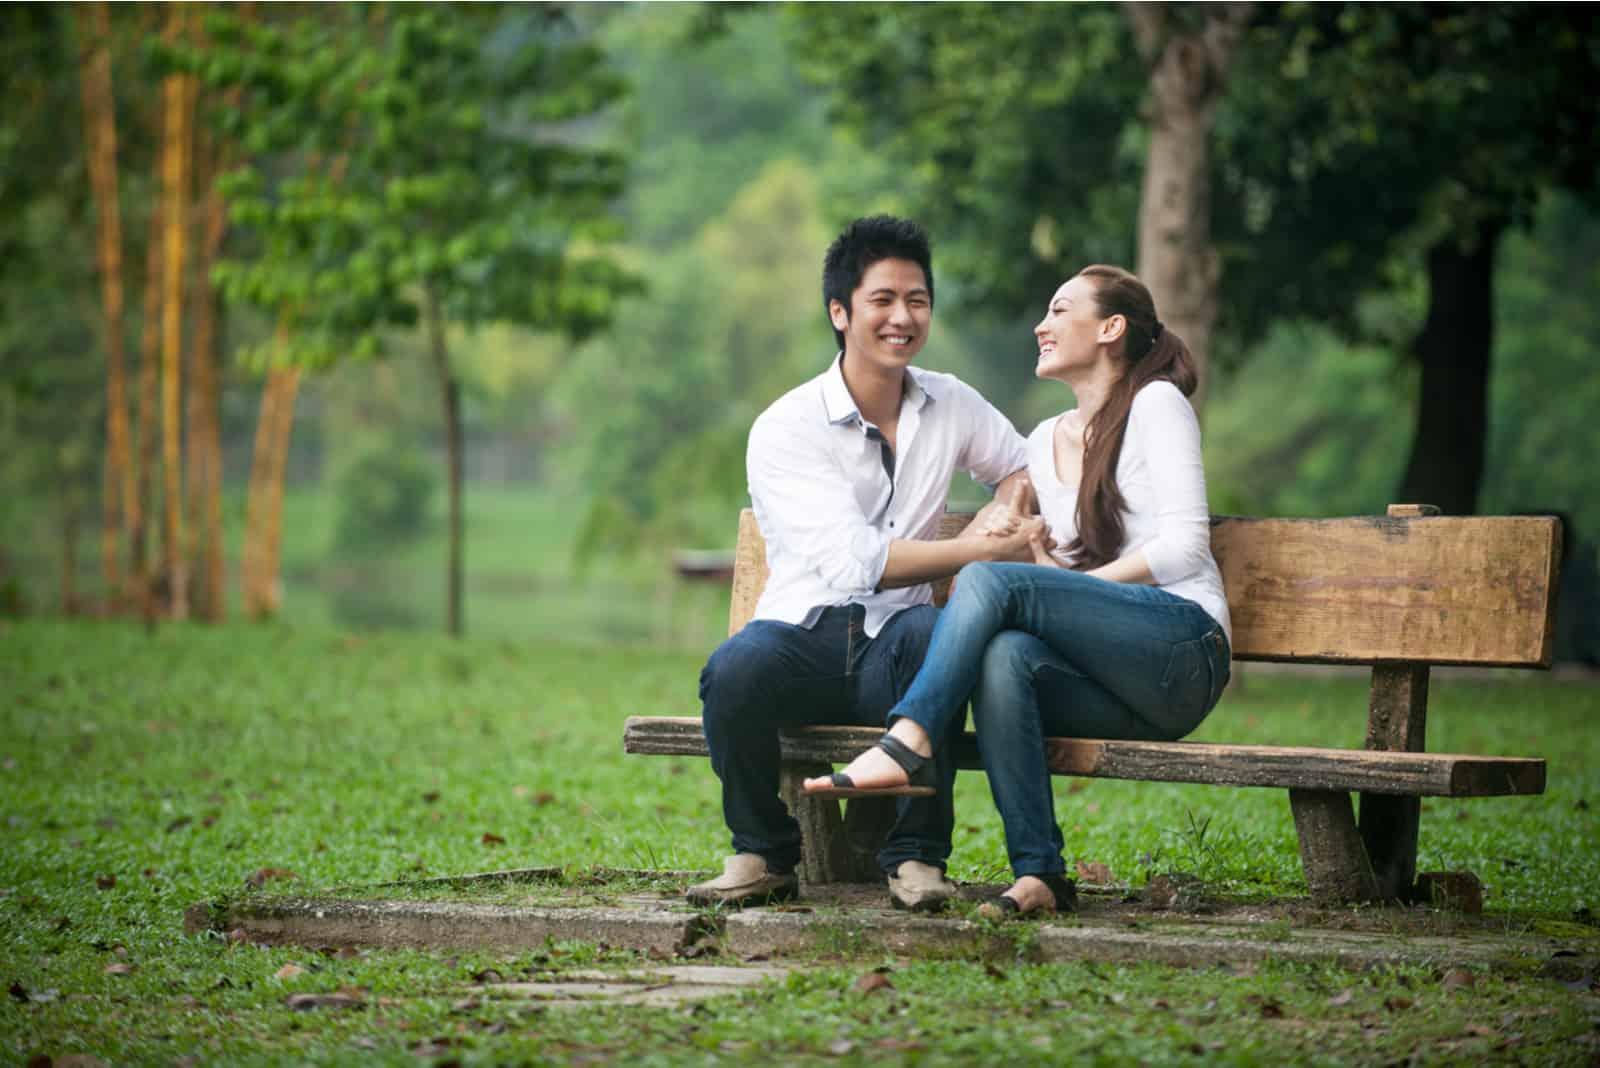 Attraktives asiatisches Paar-Dating im Park